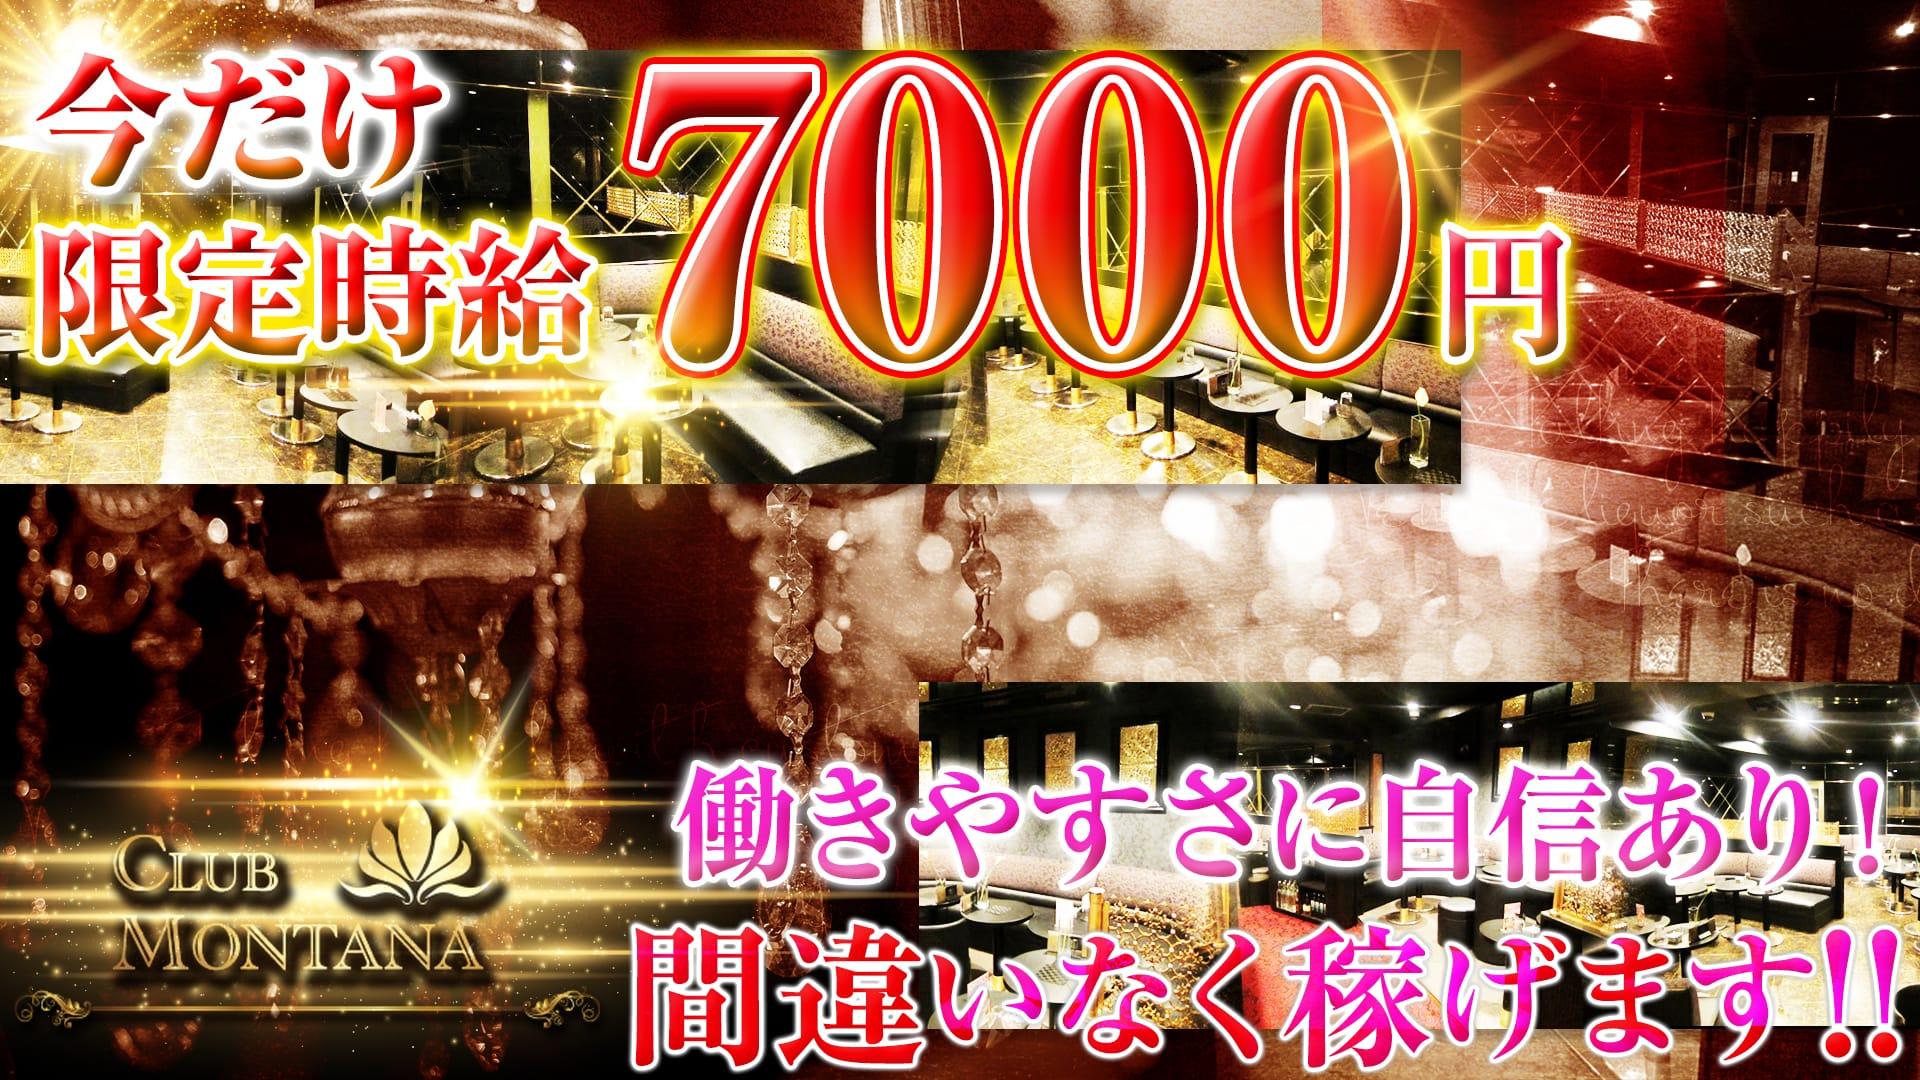 CLUB MONTANA(クラブ モンタナ) 西船橋キャバクラ TOP画像